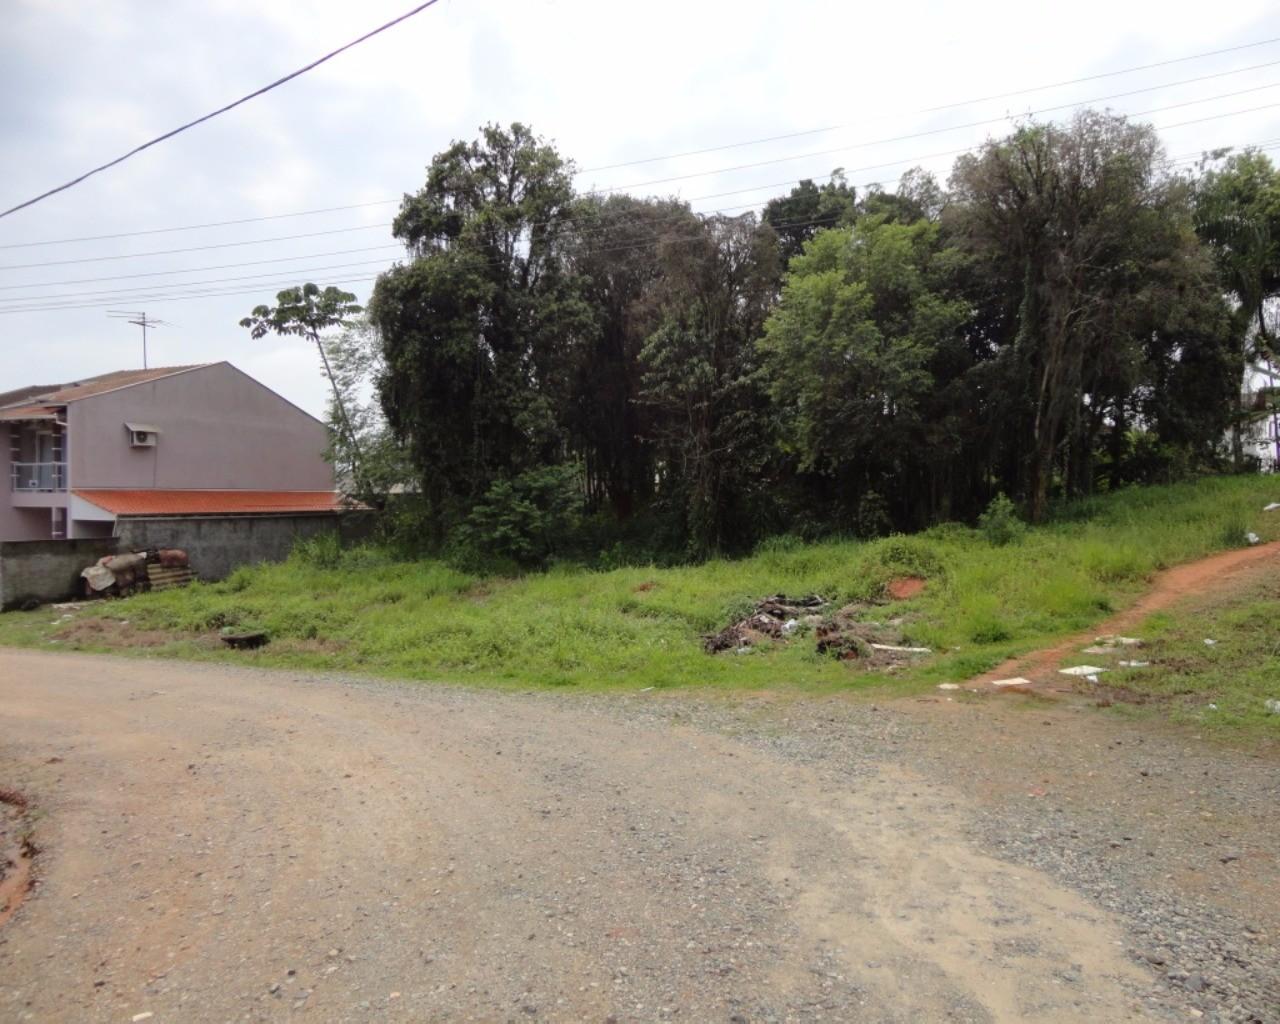 comprar ou alugar terreno no bairro joão costa na cidade de joinville-sc